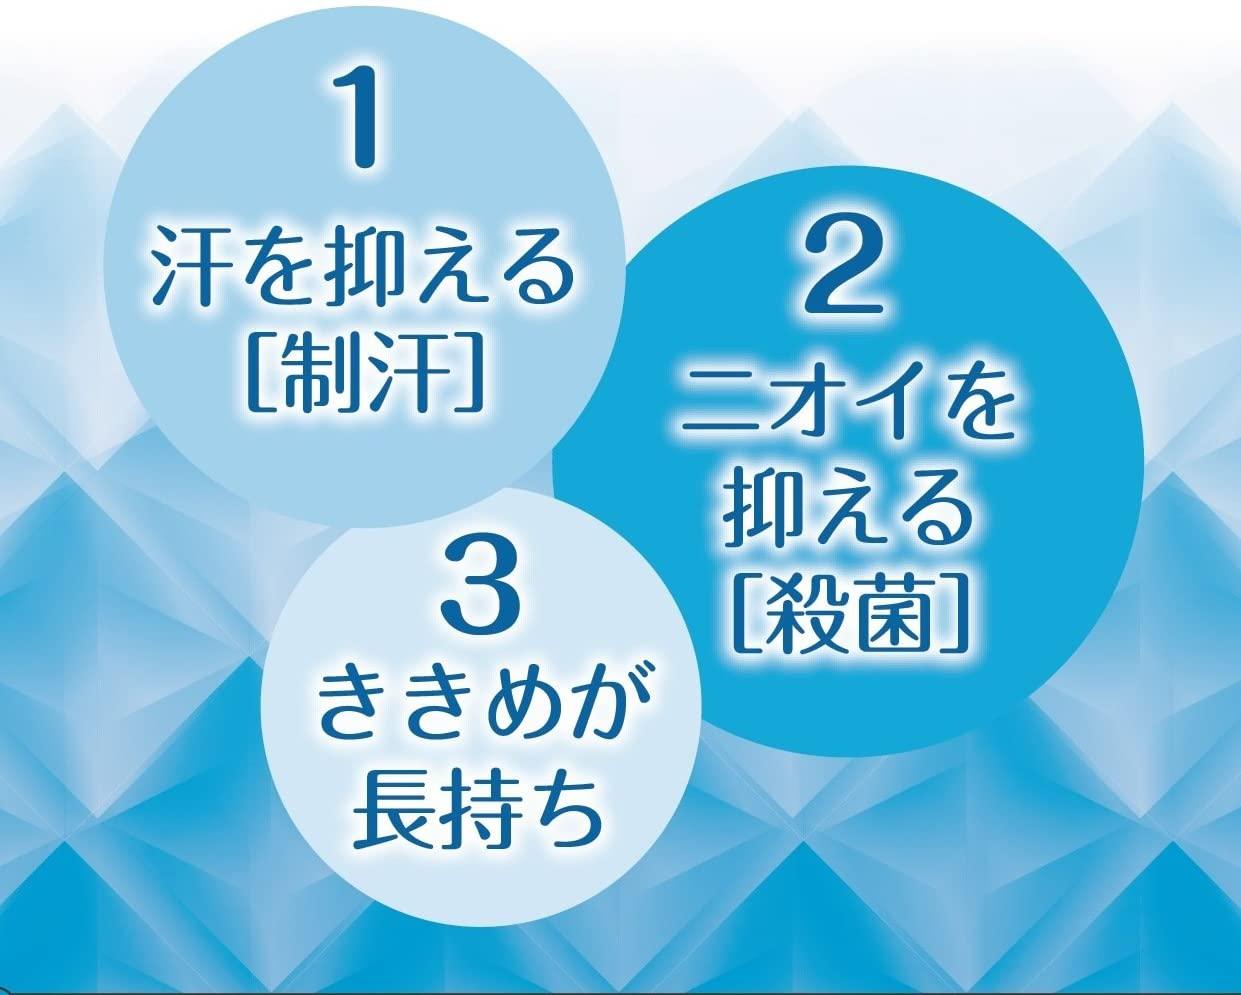 exsiu(エキシウ) 特製エキシウクリームの商品画像3